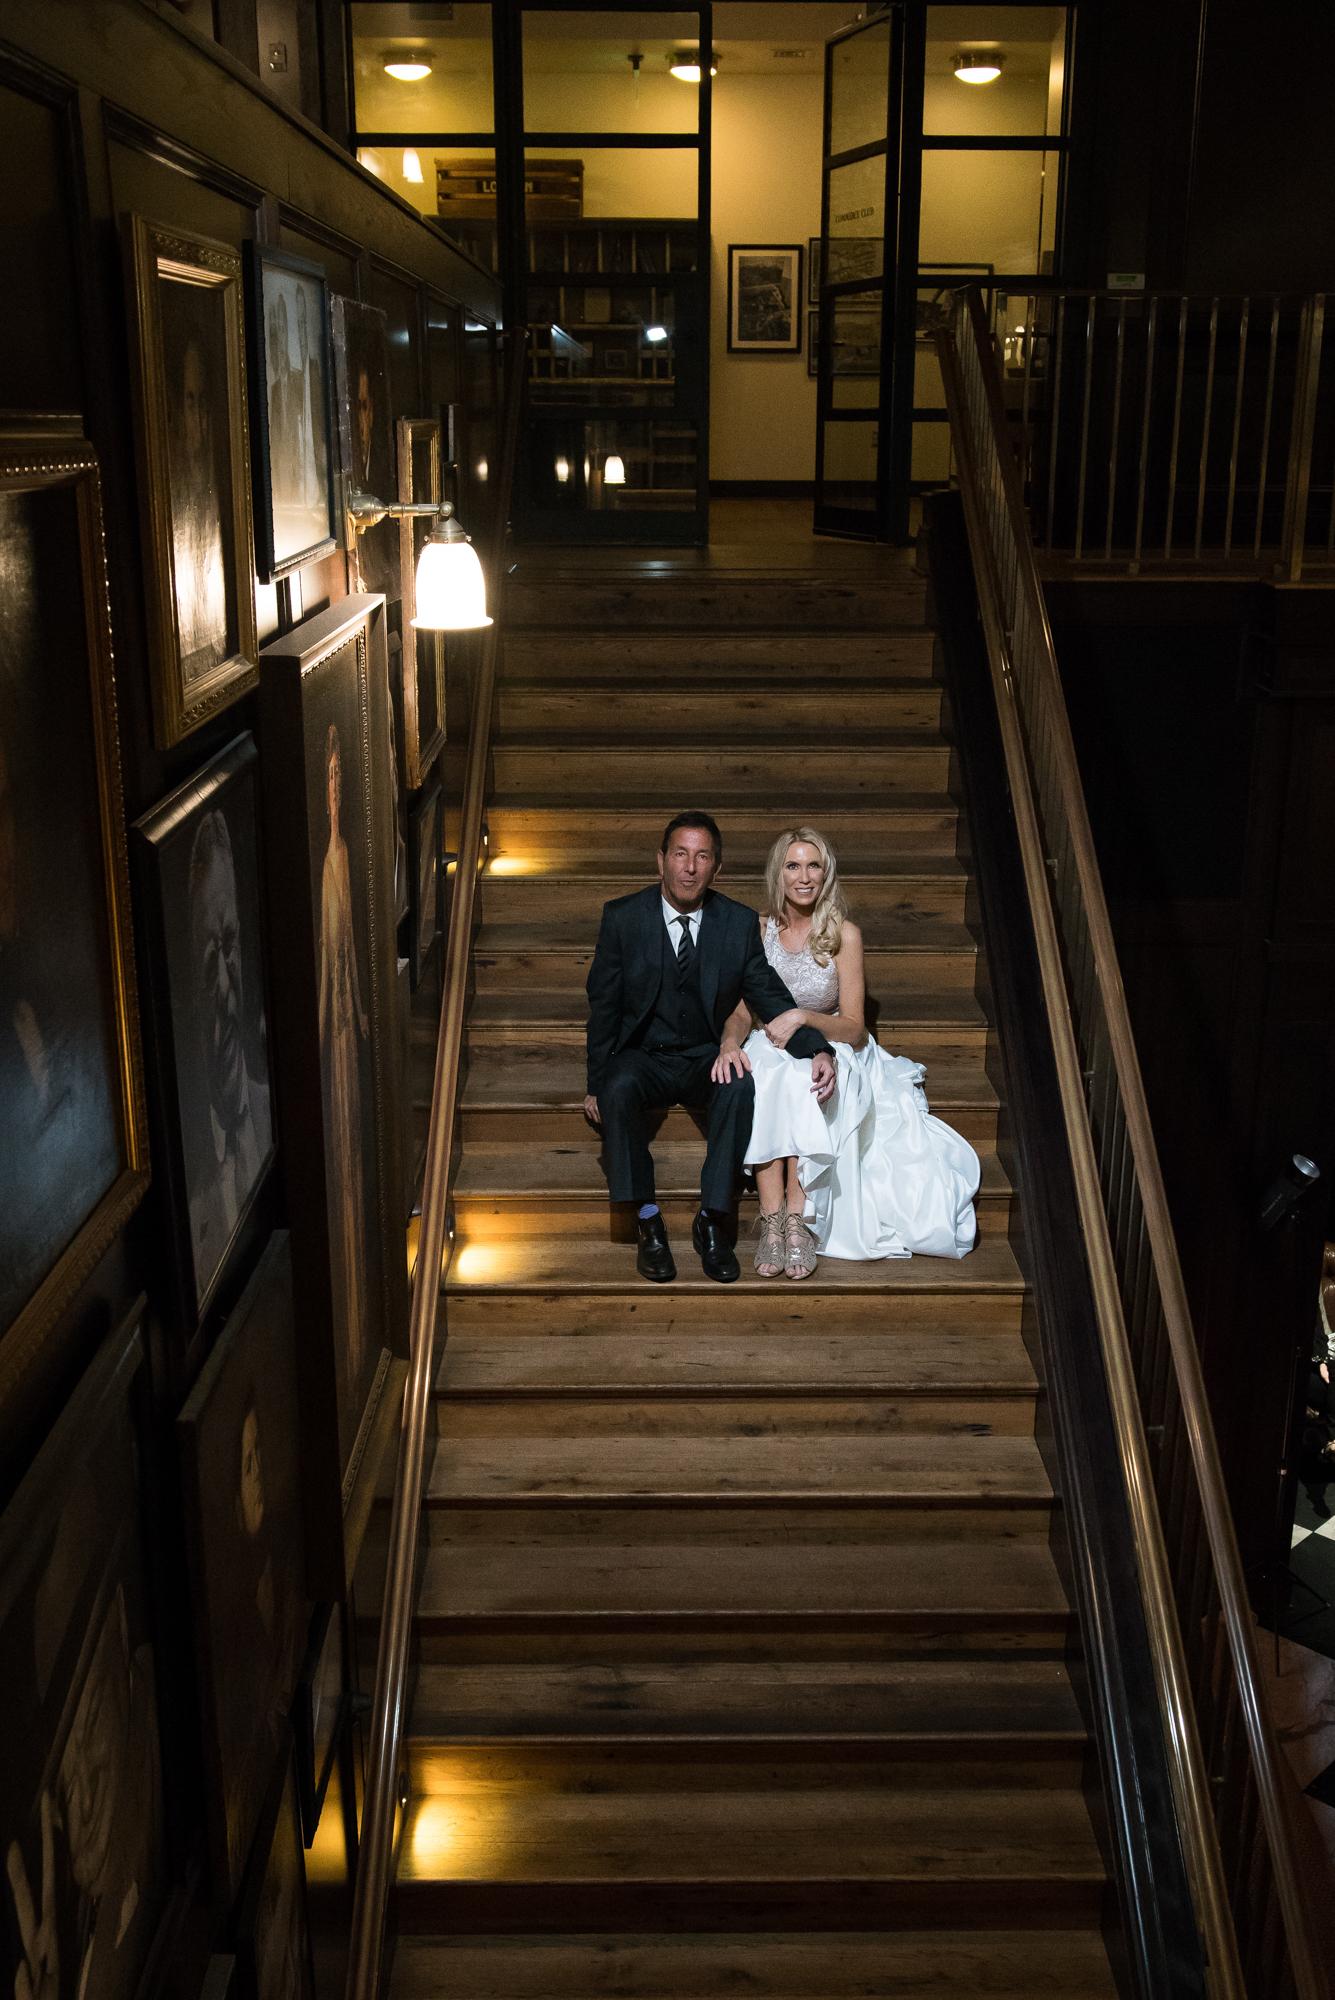 Tampa-wedding-photographer, Oxford-Exchange-wedding